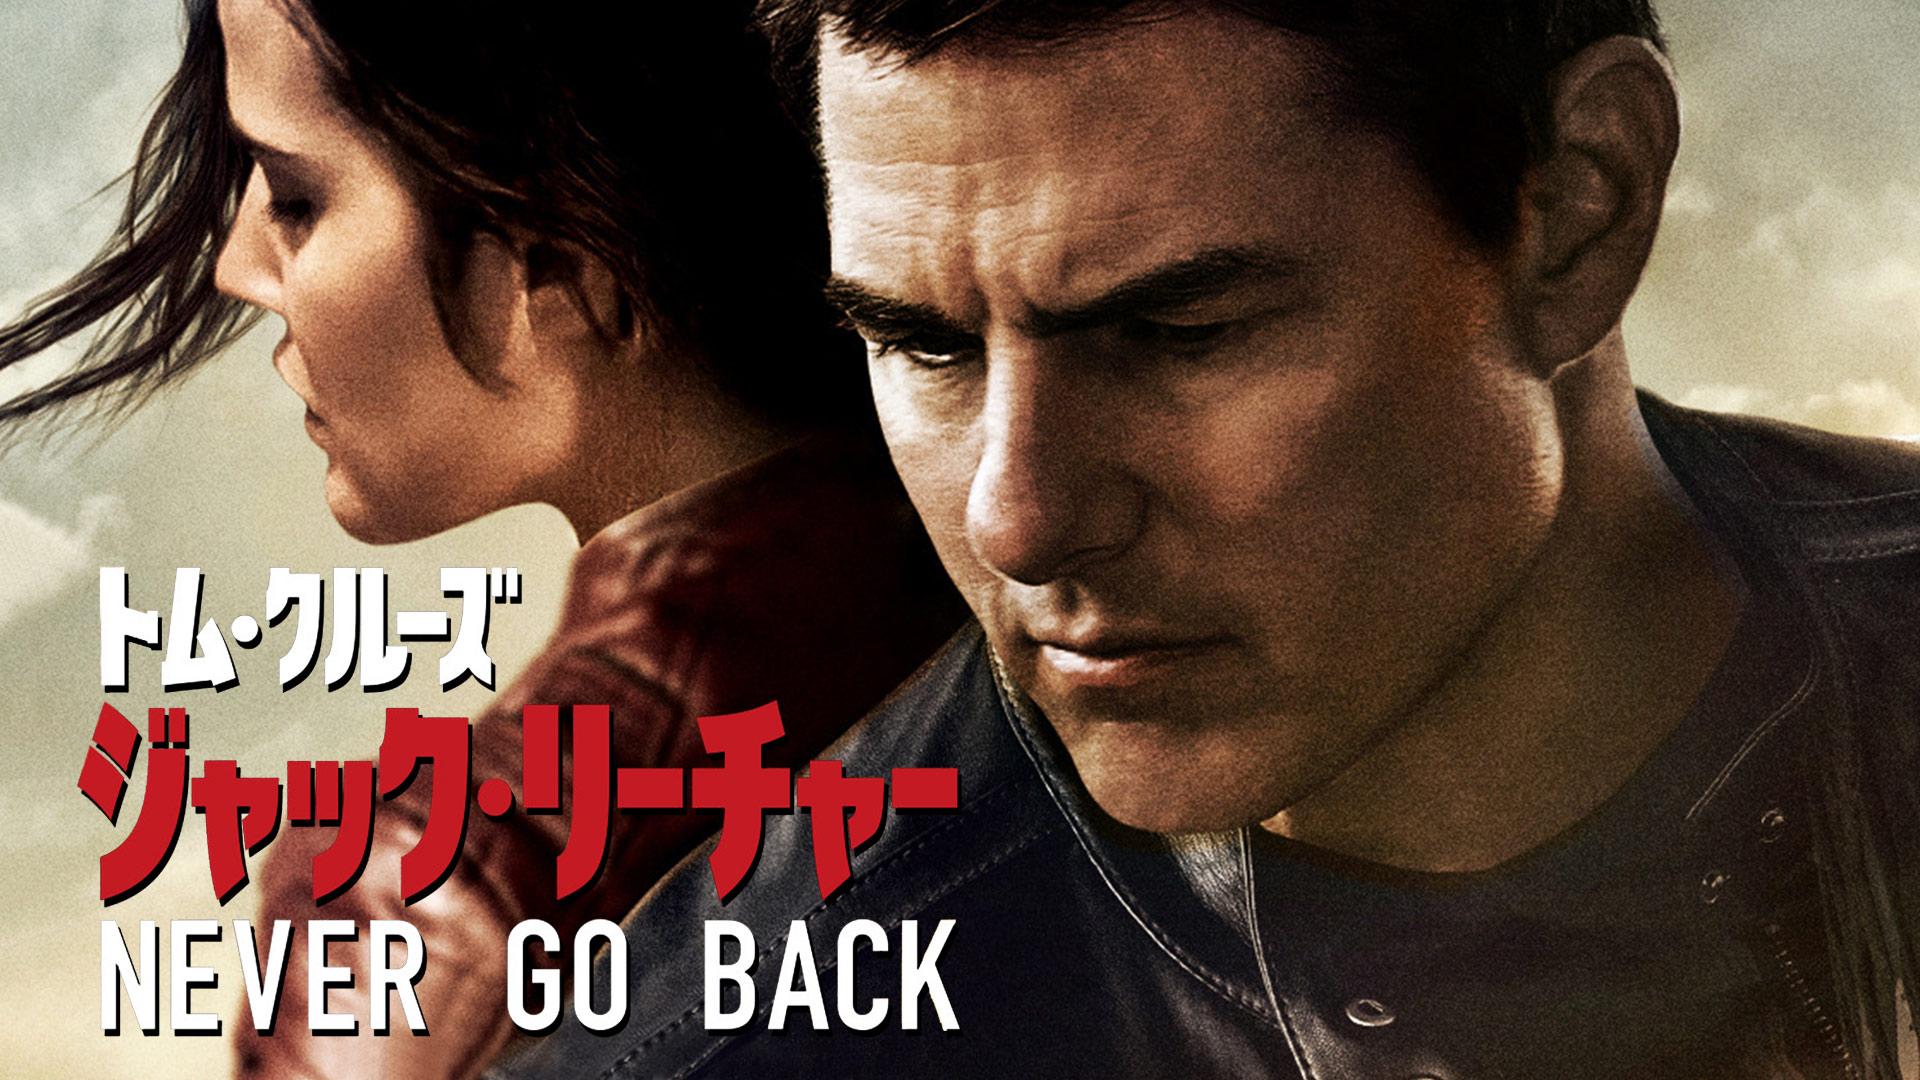 ジャック・リーチャー: Never Go Back (字幕版)